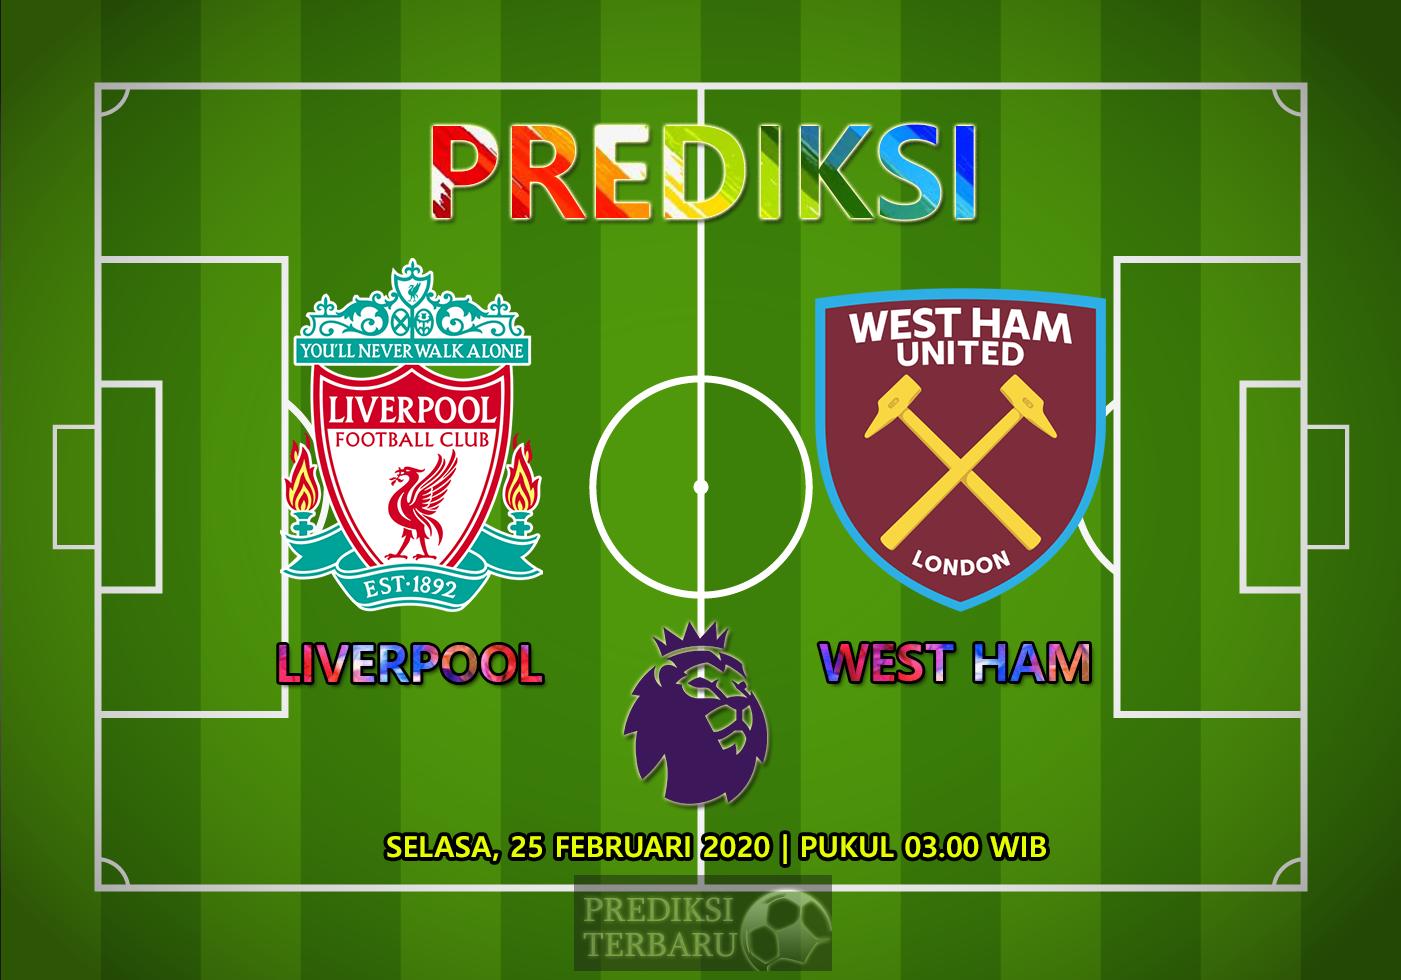 Prediksi Liverpool Vs West Ham, Selasa 25 Februari